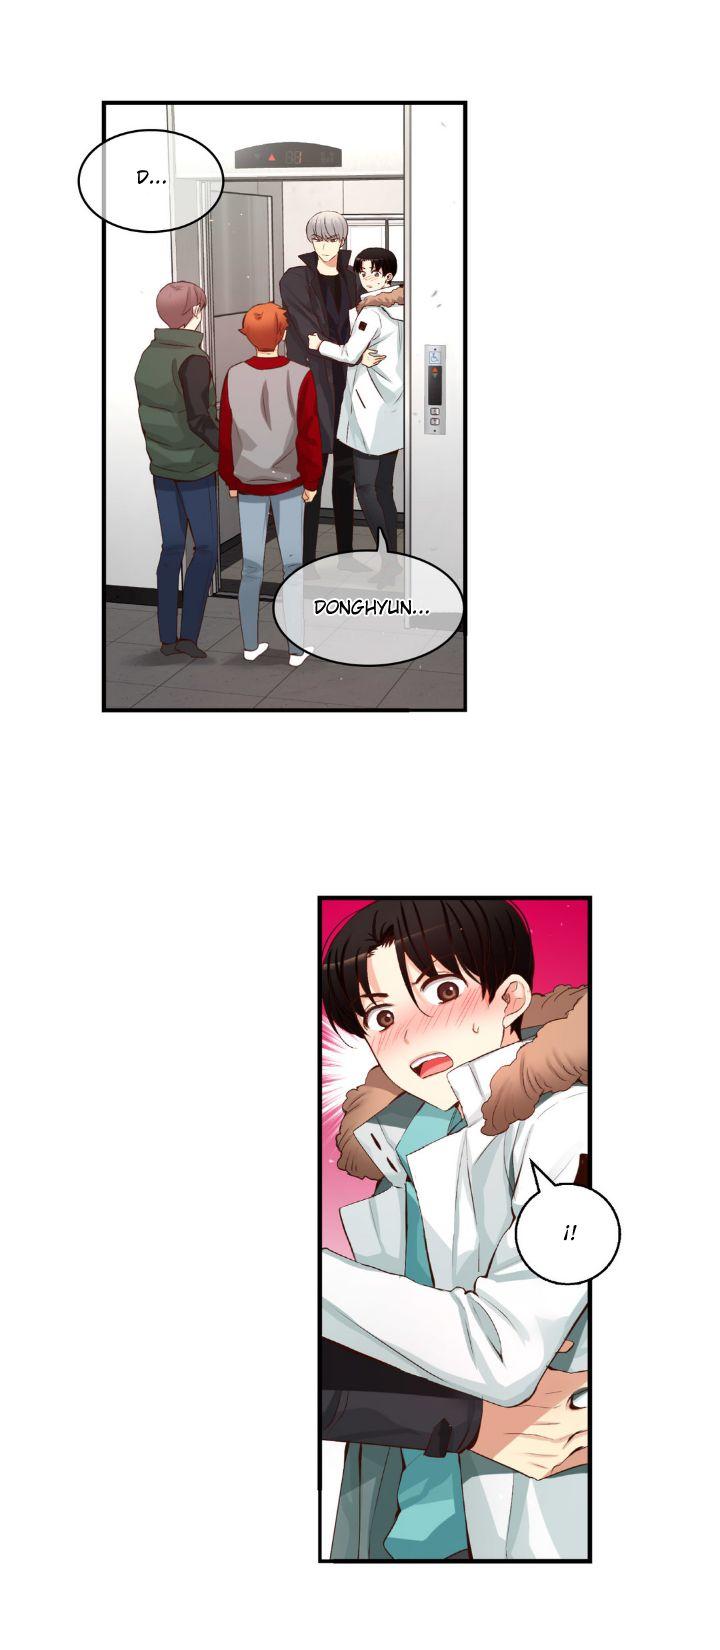 https://c9.mangatag.com/es_manga/pic3/44/22188/588813/5c80985bd40b8ce792f8c786bb23fe54.jpg Page 2